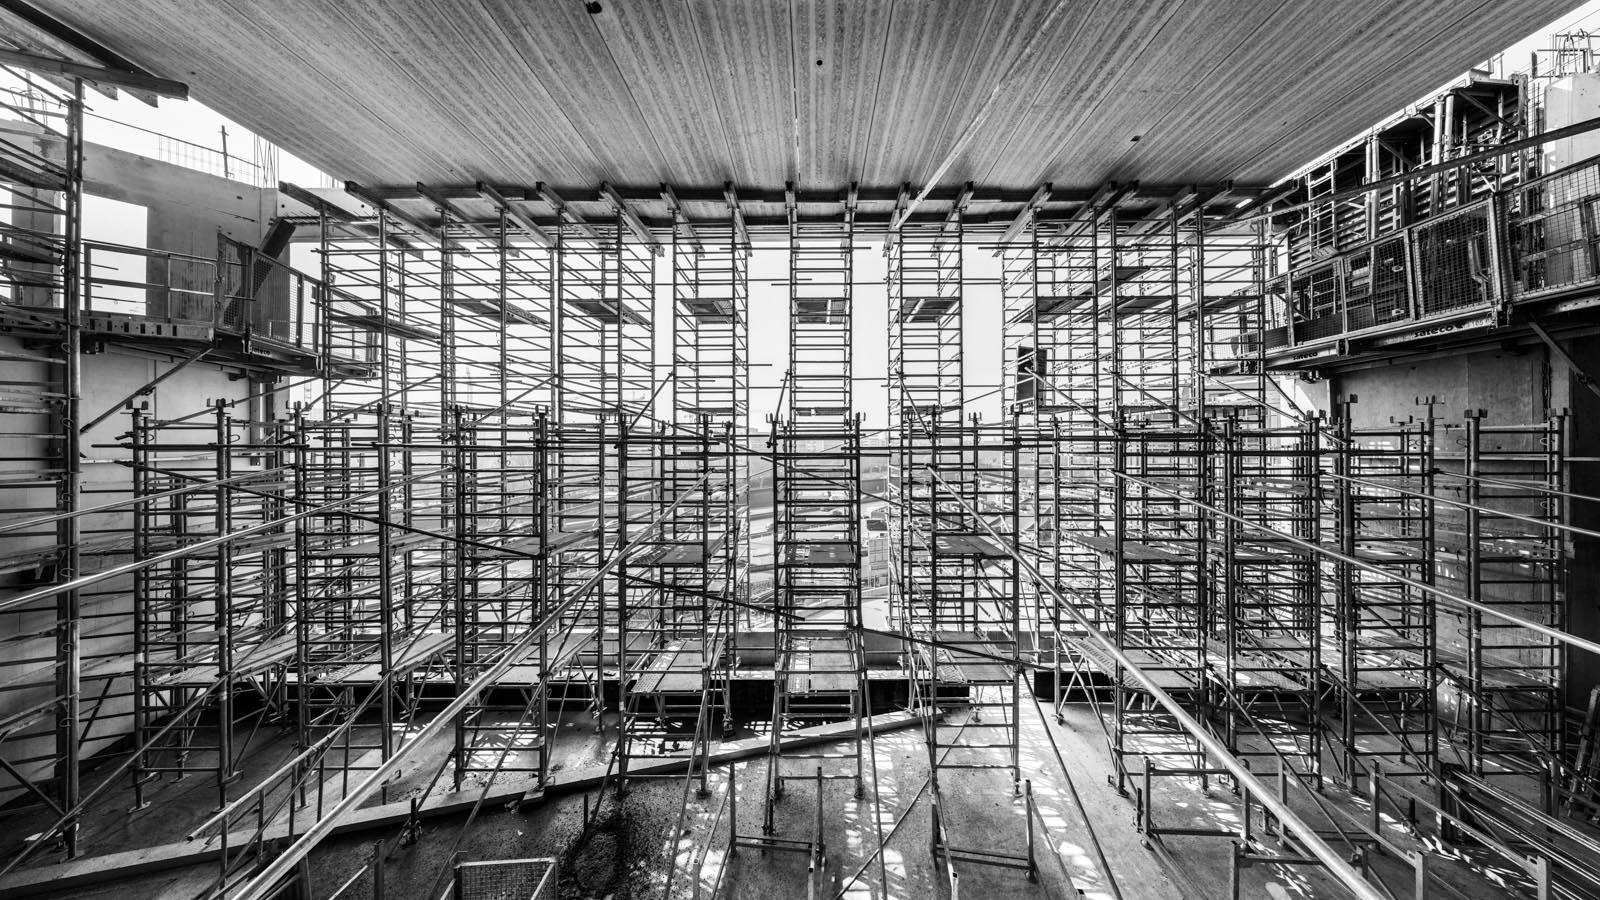 lm_20140314_122836_fr_paris_icade_chantier_architecture_millenaire-3__